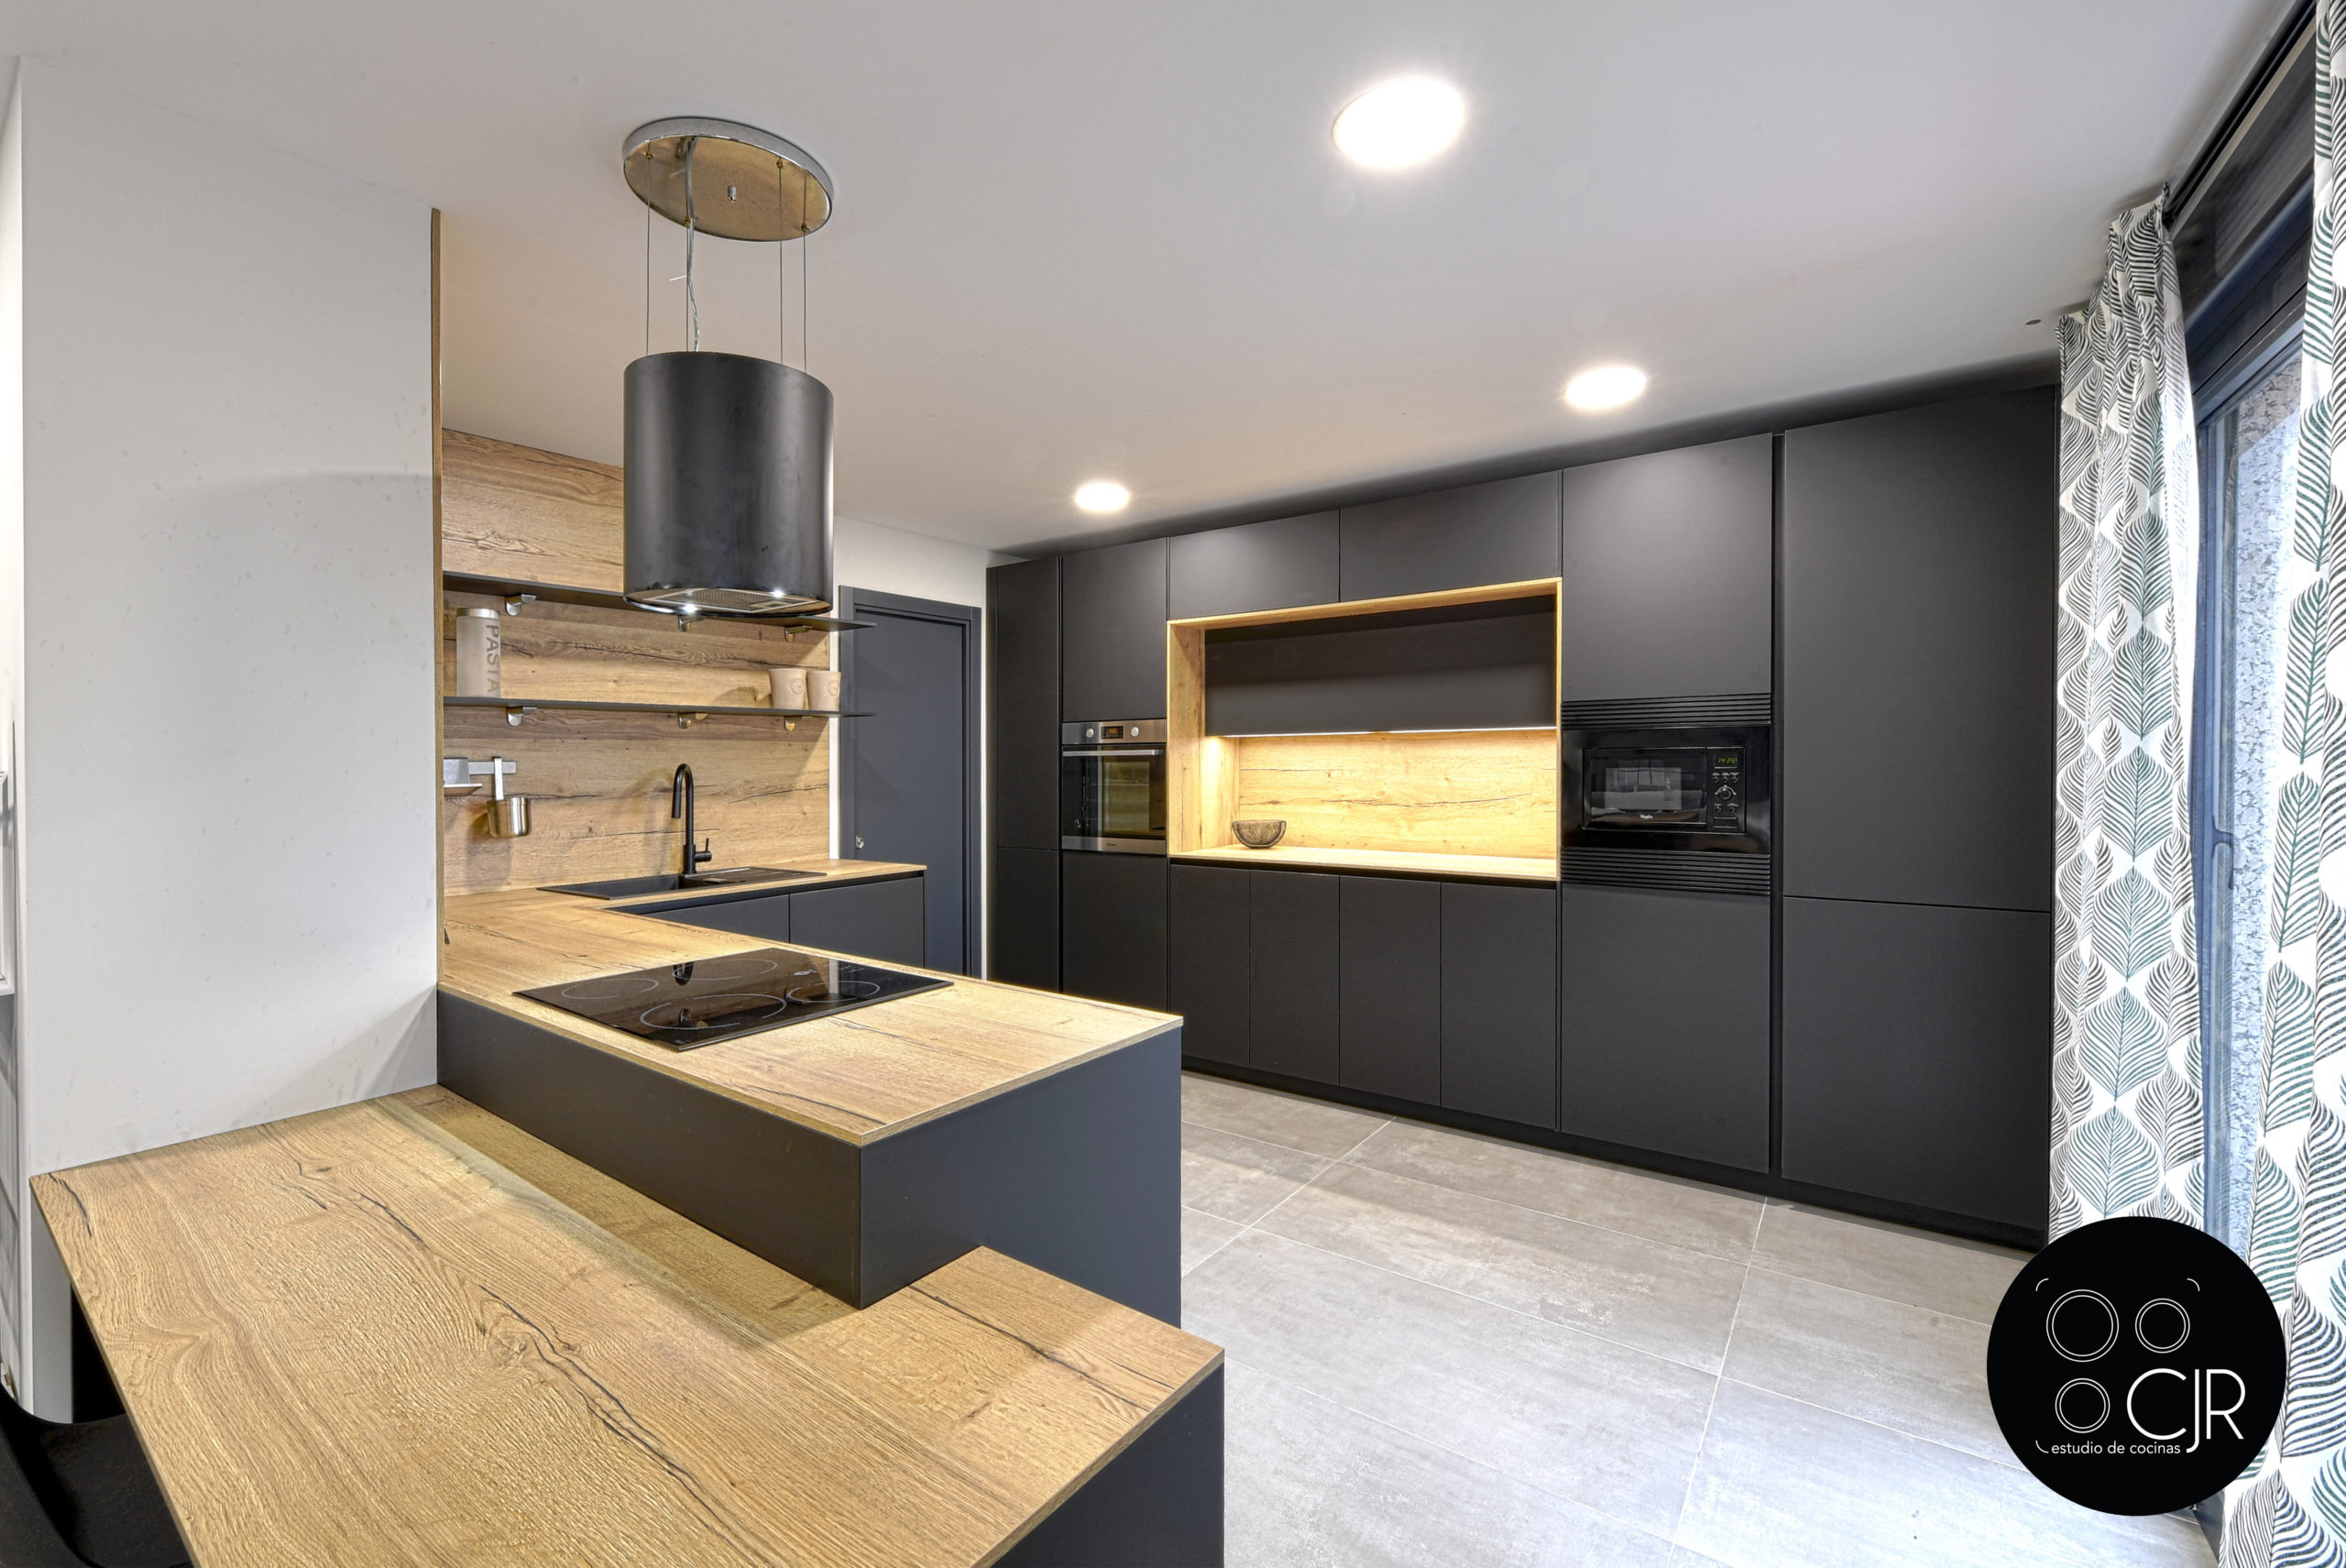 Gran angular de cocina negra mate y madera